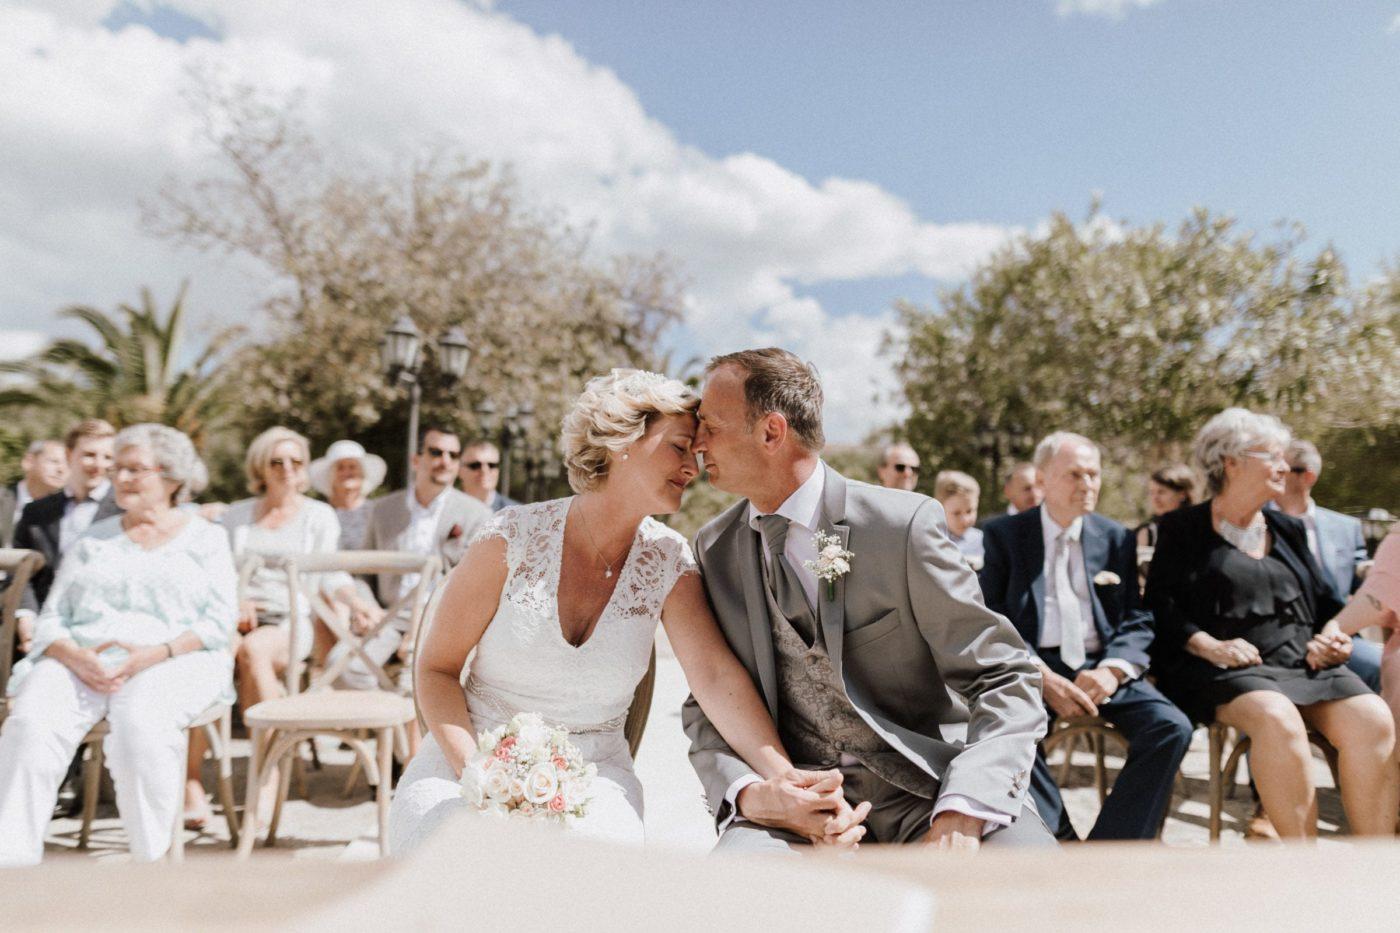 Das Brautpaar sitzt Stirn an Stirn und geniesst die Musik während der Trauung.